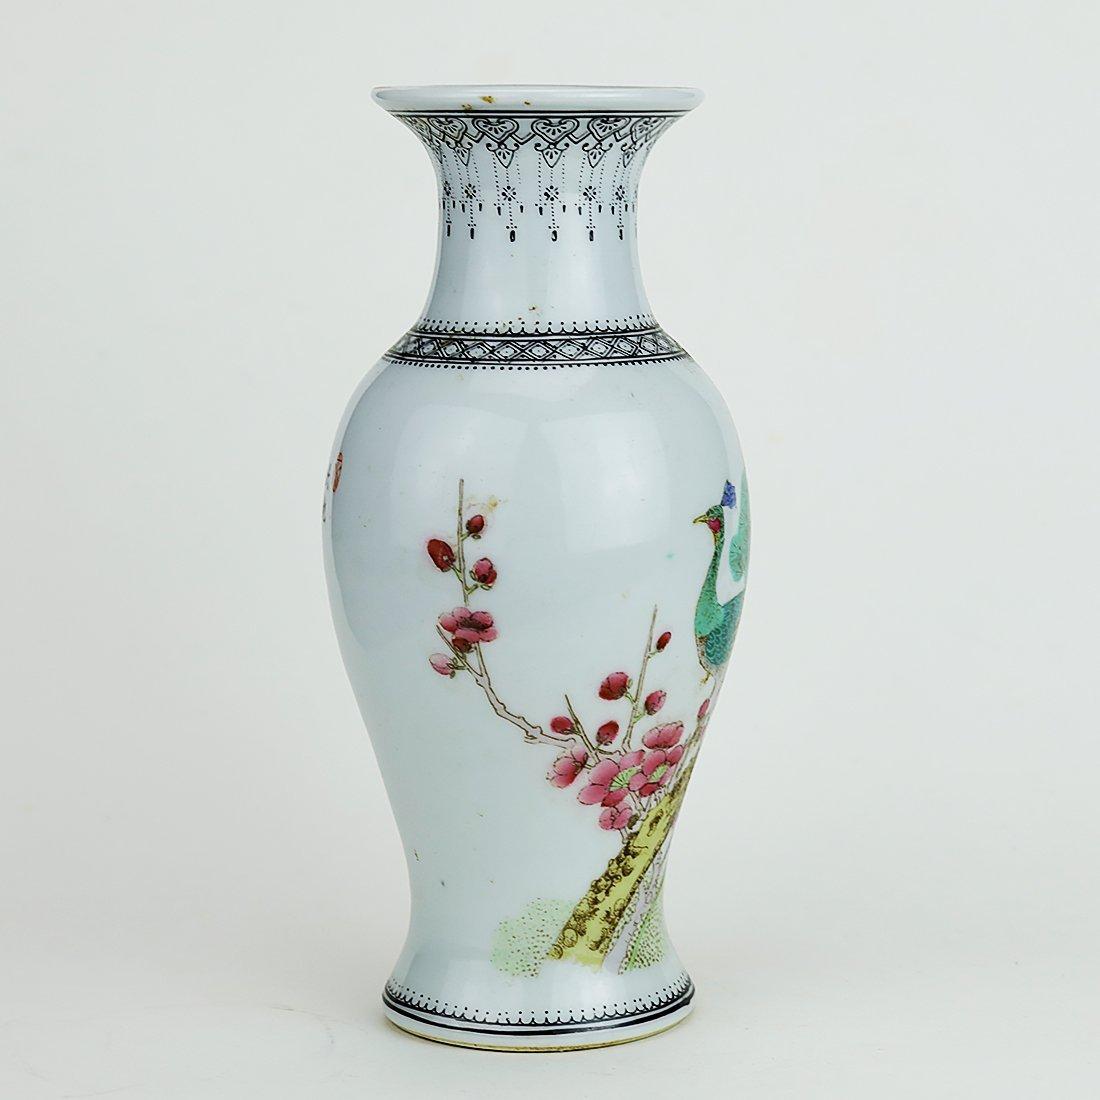 Jingdezhen pastel peacock ceramic vase,19 Century - 3